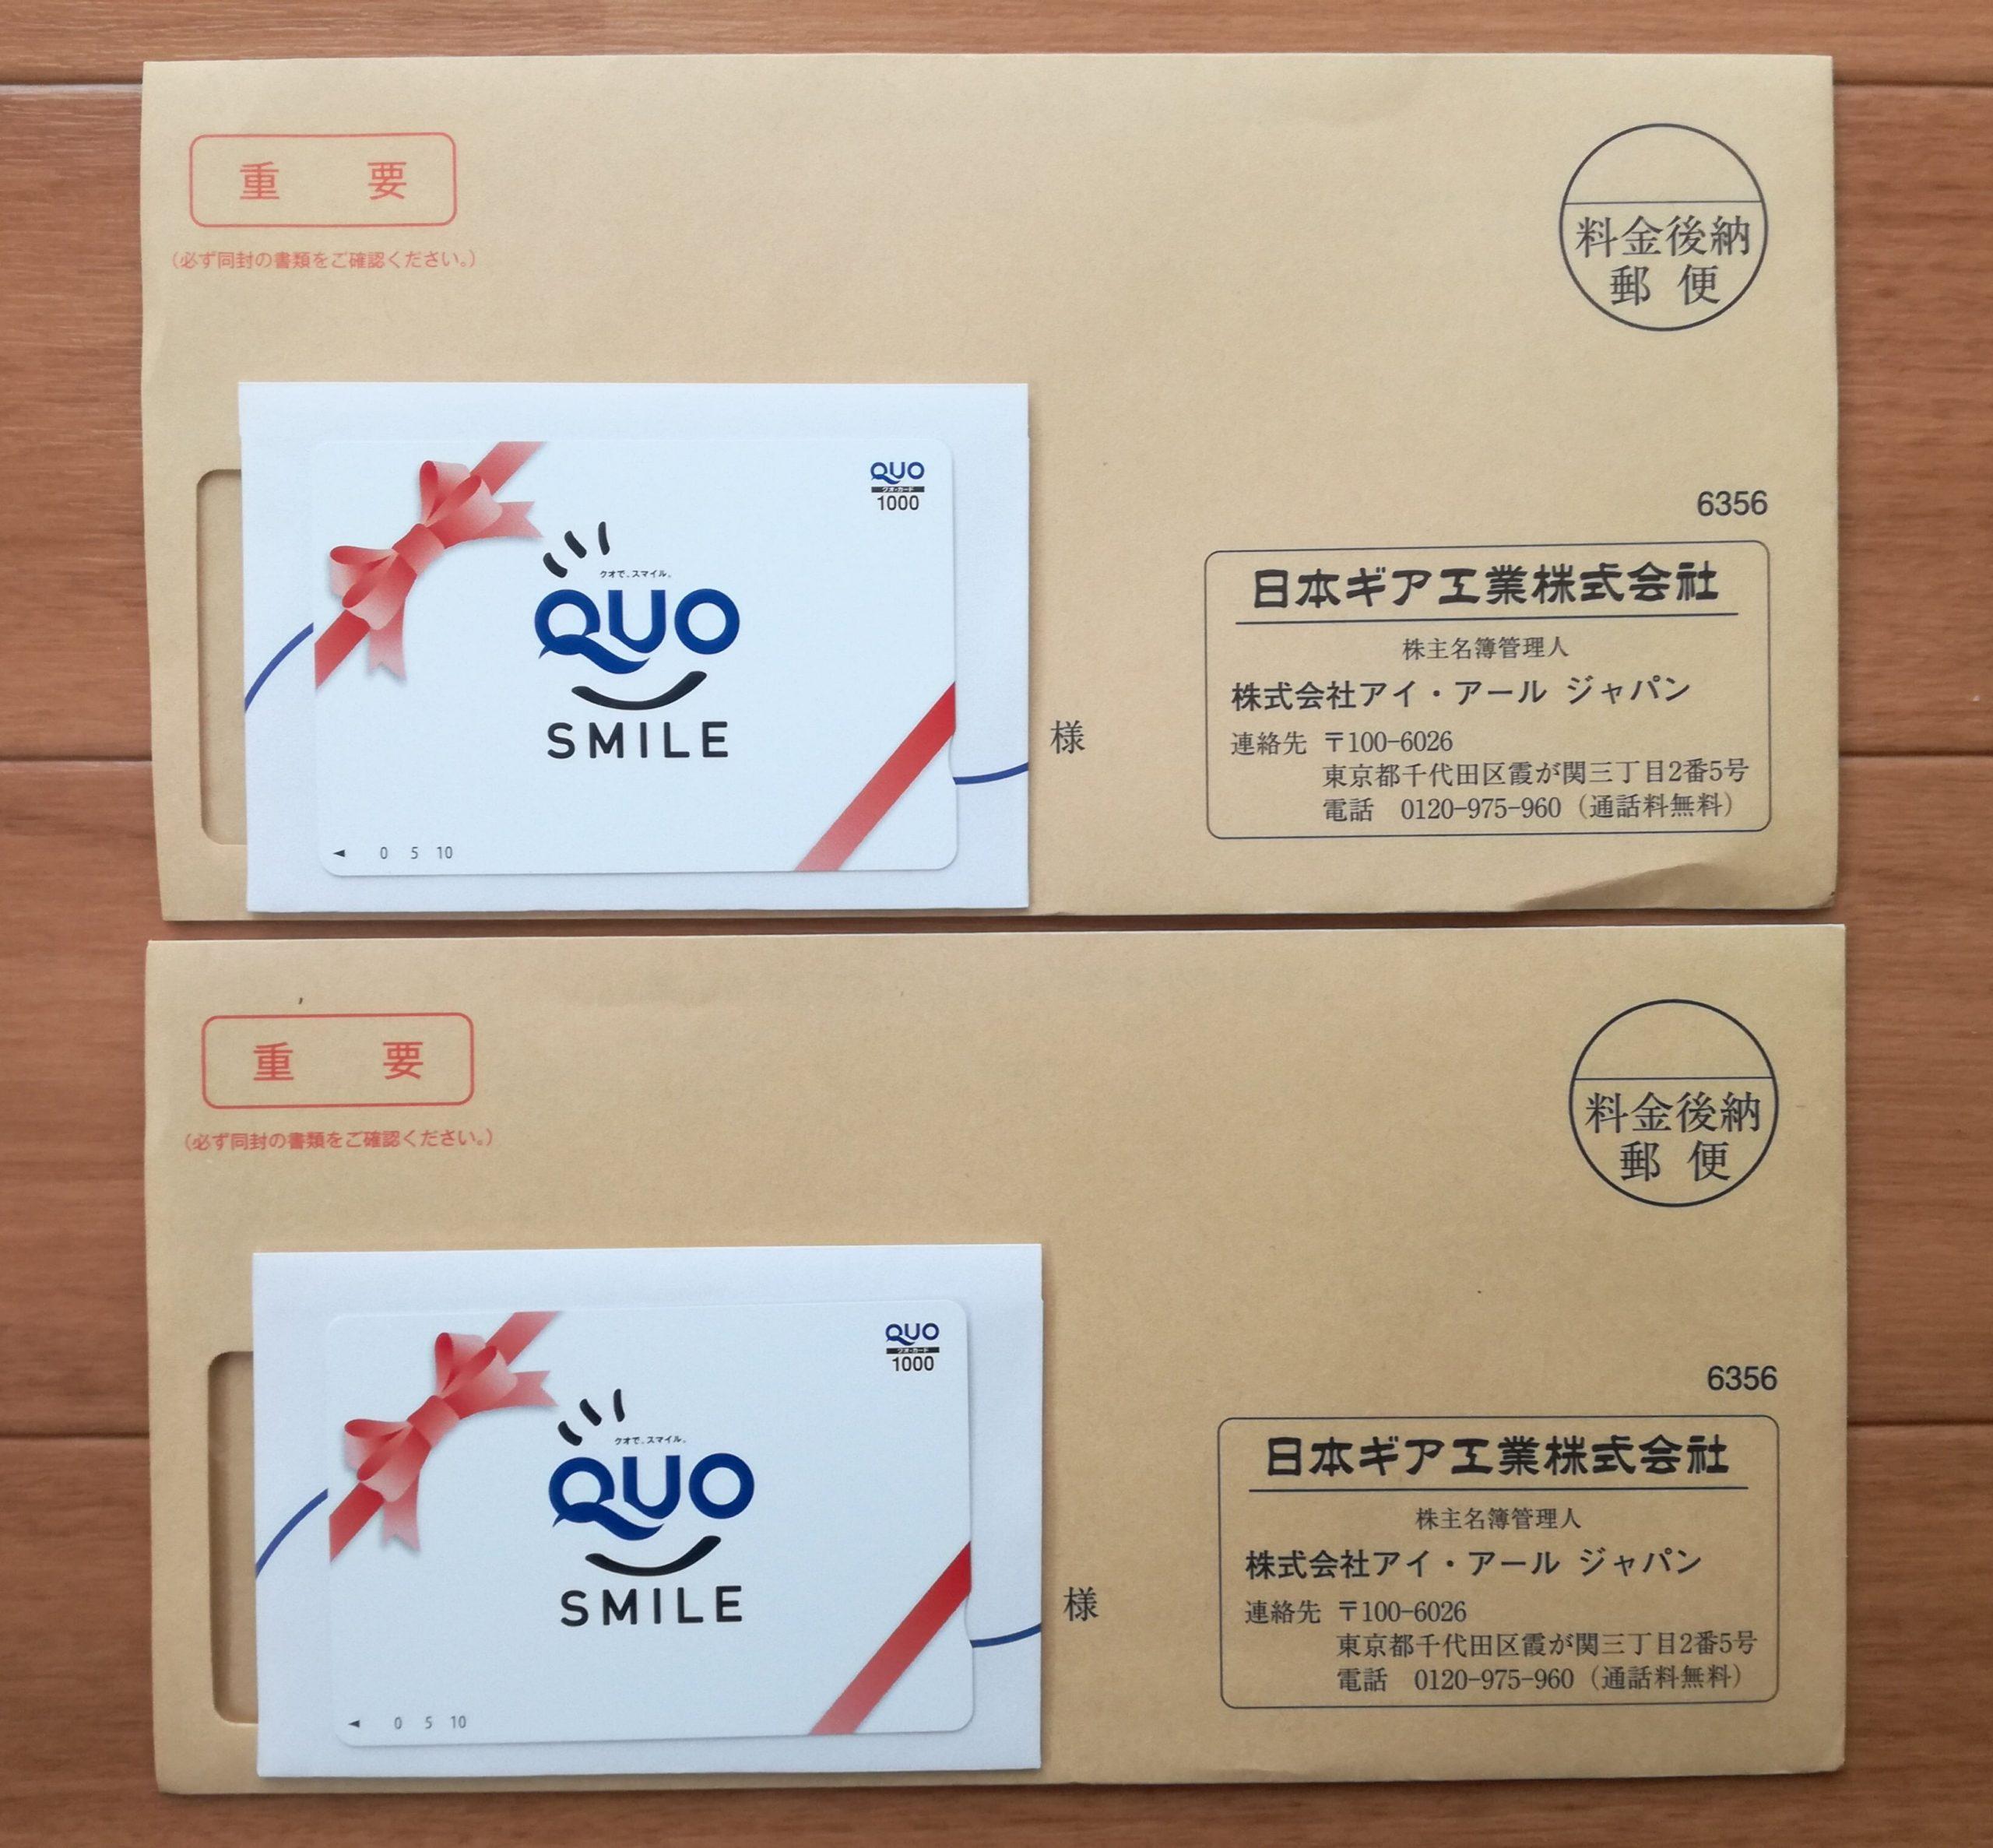 株主優待廃止で最後となった日本ギア工業(6356)の株主優待クオカード1,000円が2名義分届きました!